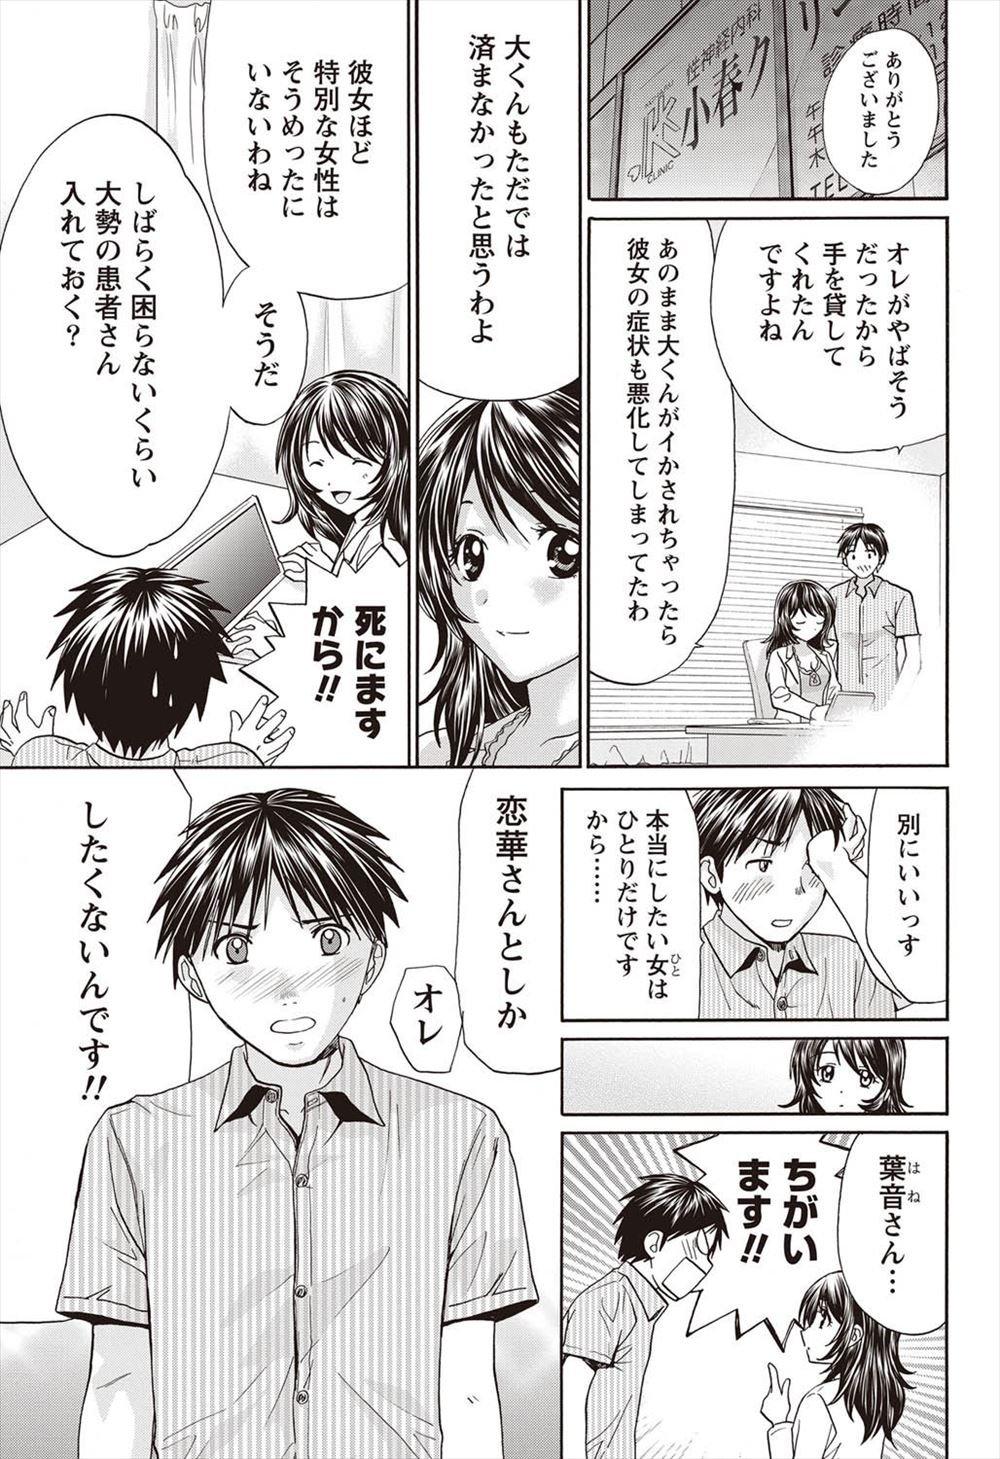 【エロ漫画同人誌】クリニックに来たセックス依存症女を治す、ってことで3Pセックスで問題解決する恋華さんwwww 013